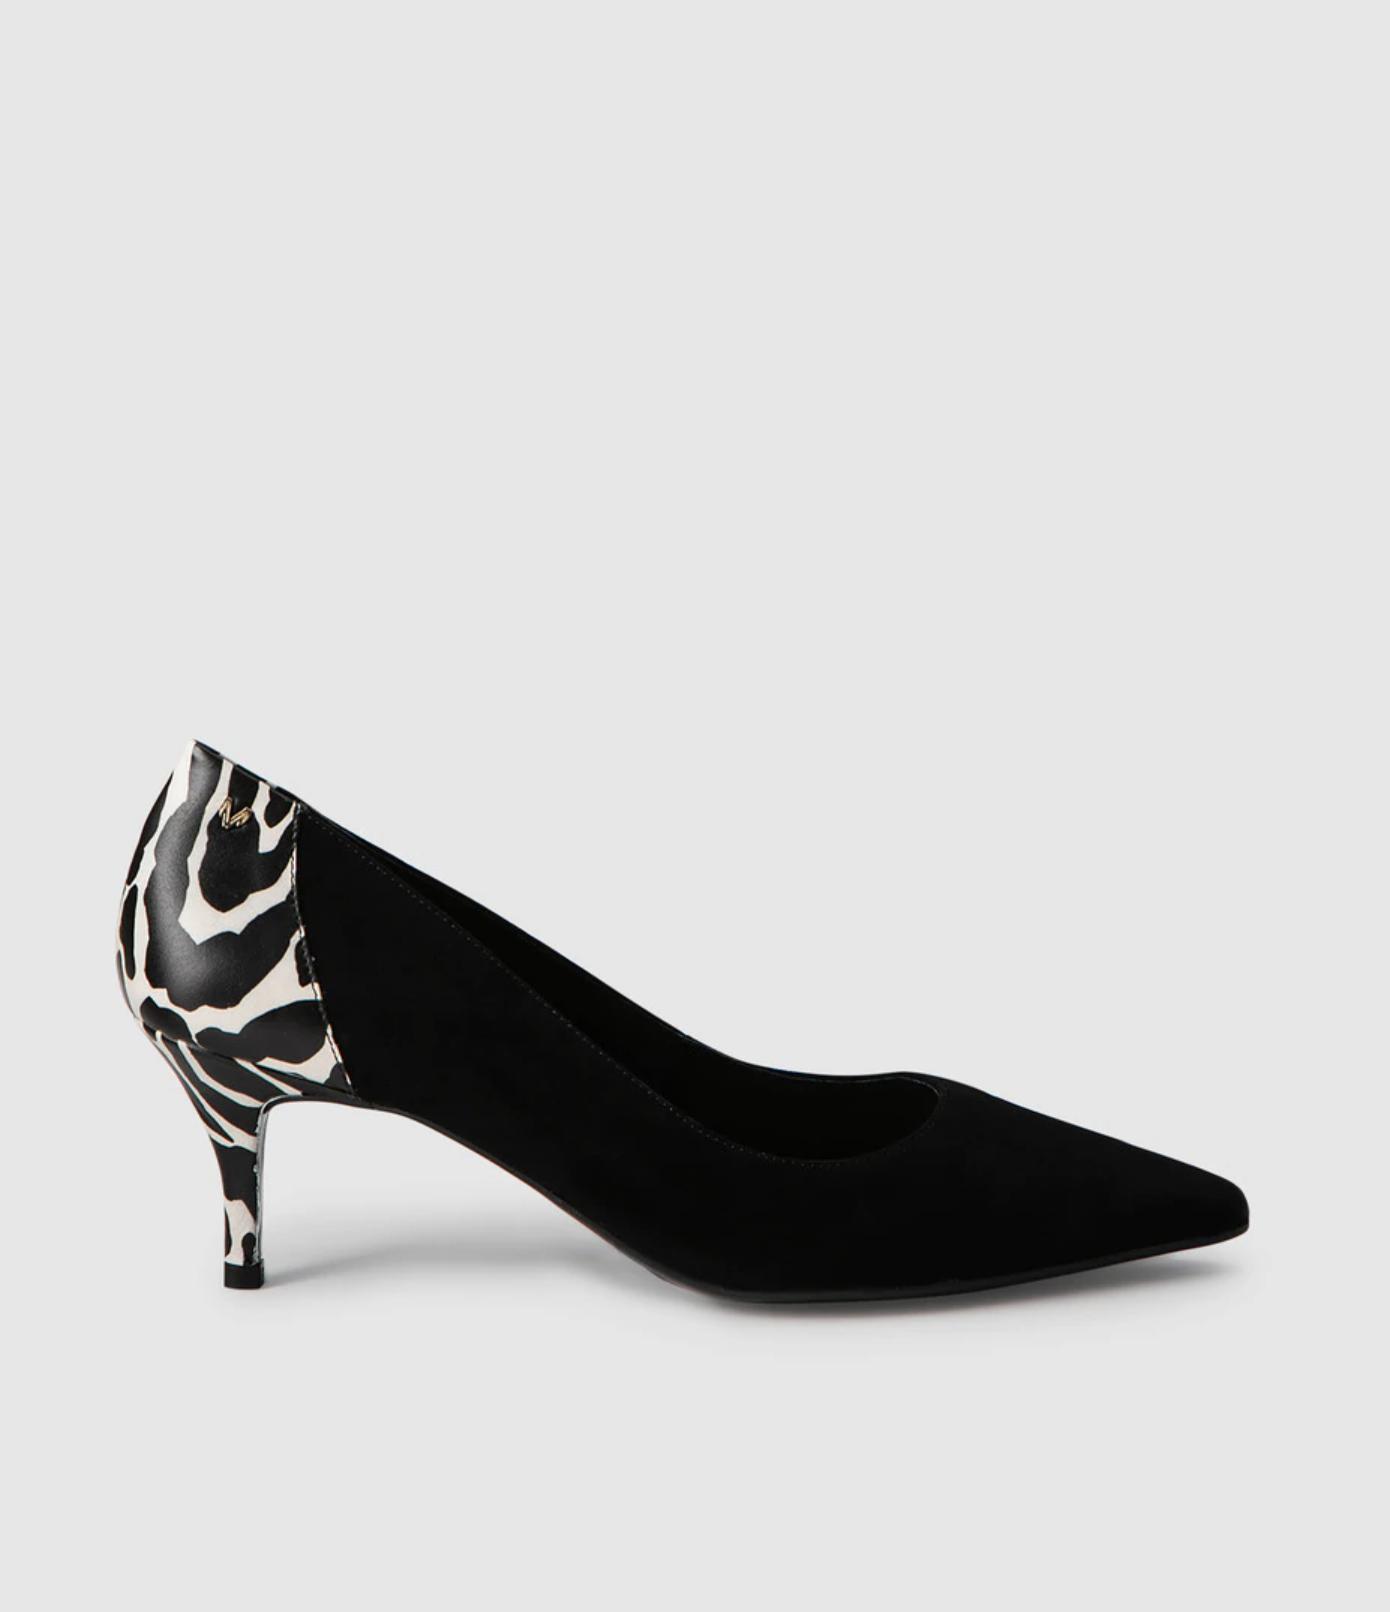 Zapatos de tacón de mujer Martinelli de piel con estampado cebra